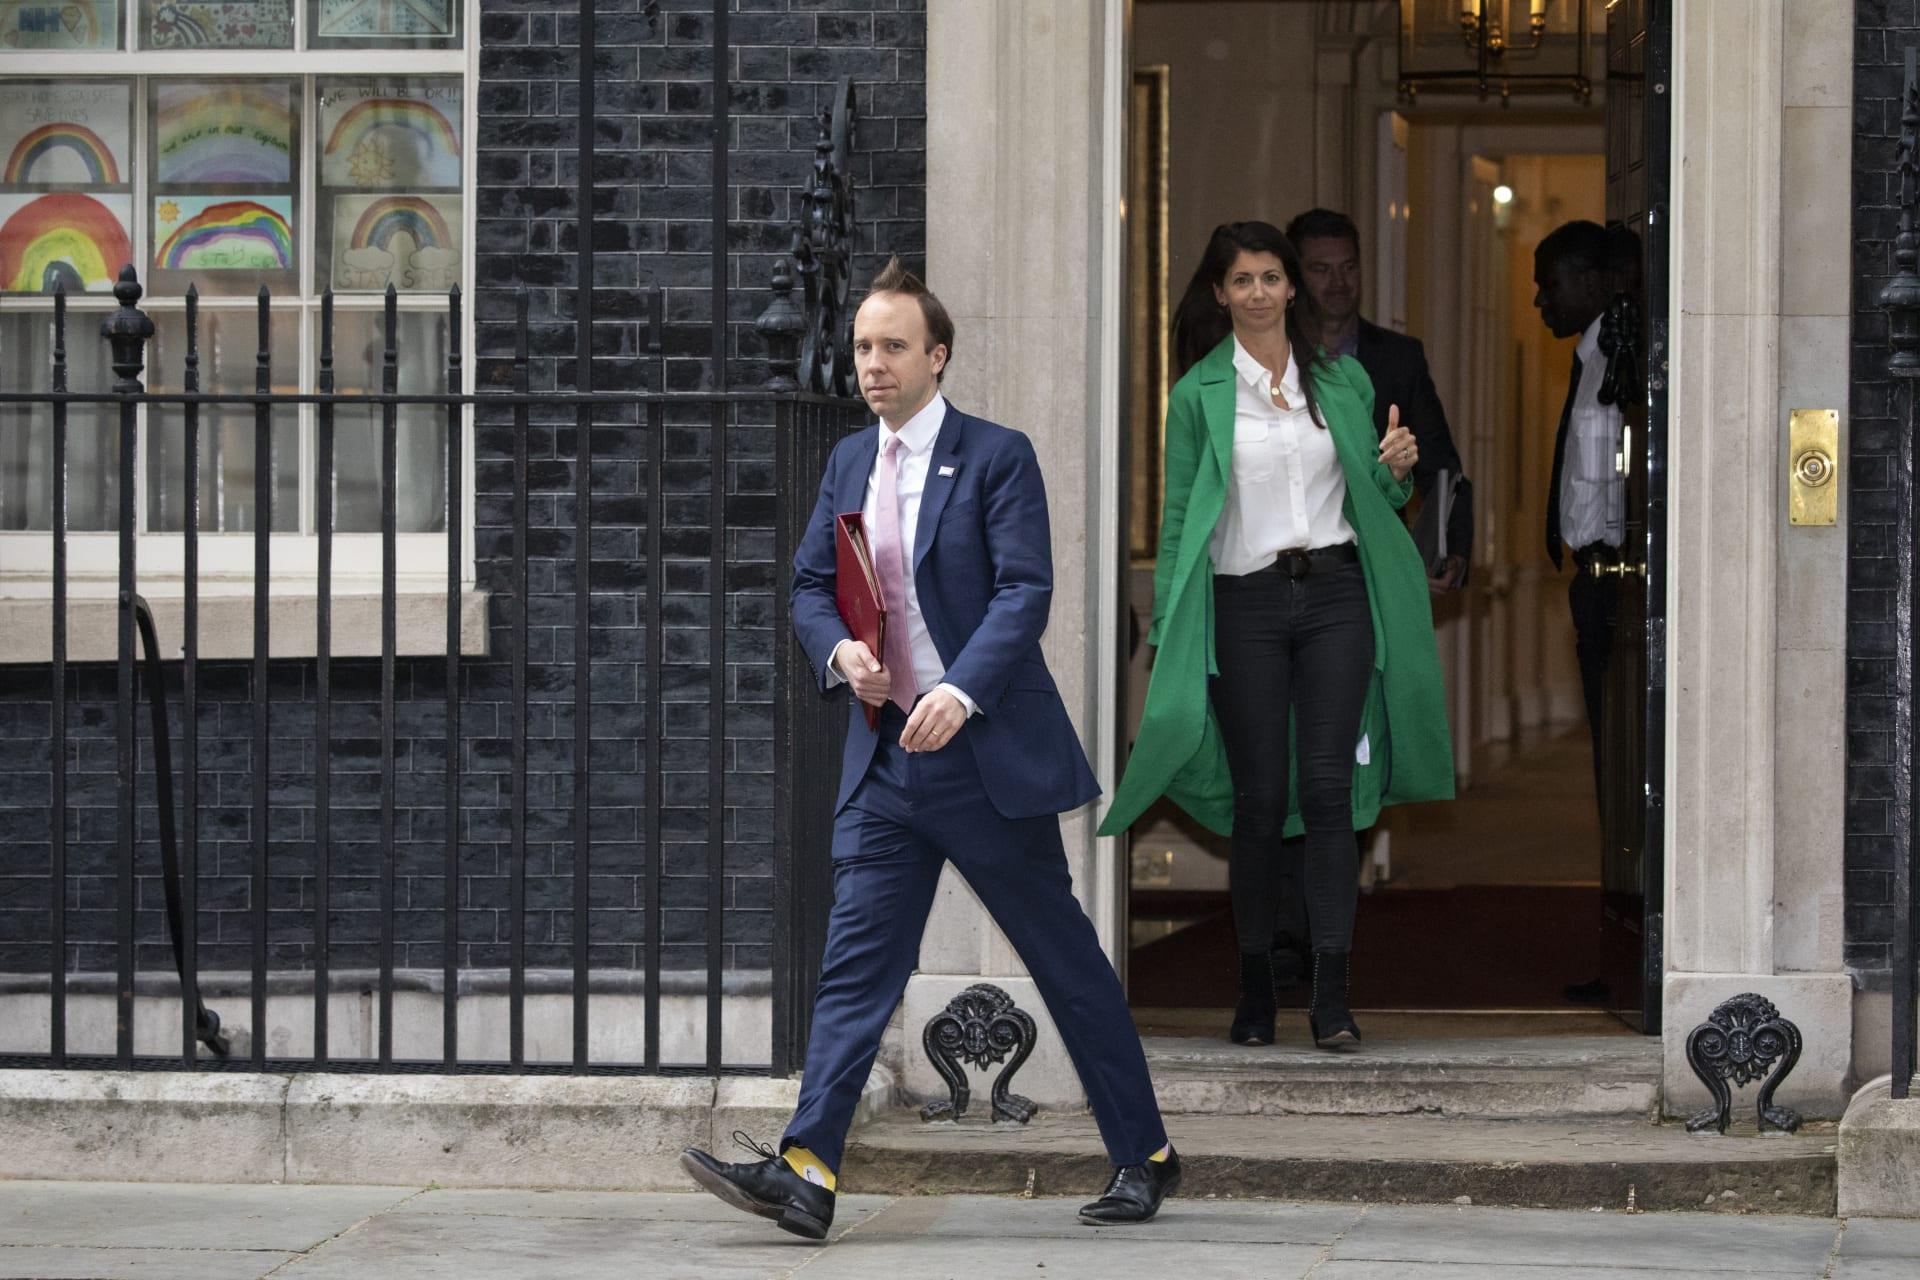 وزير الصحة البريطاني، مات هانكوك